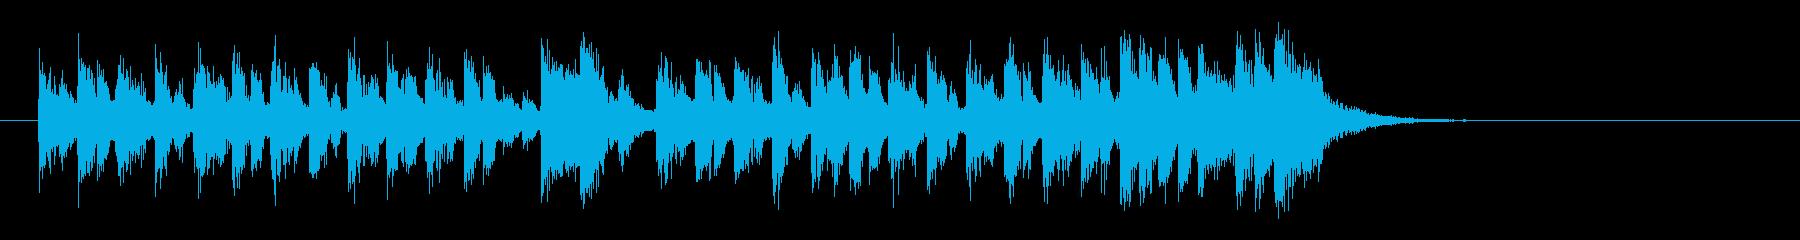 愛らしいコミカル調BGM(イントロ)の再生済みの波形